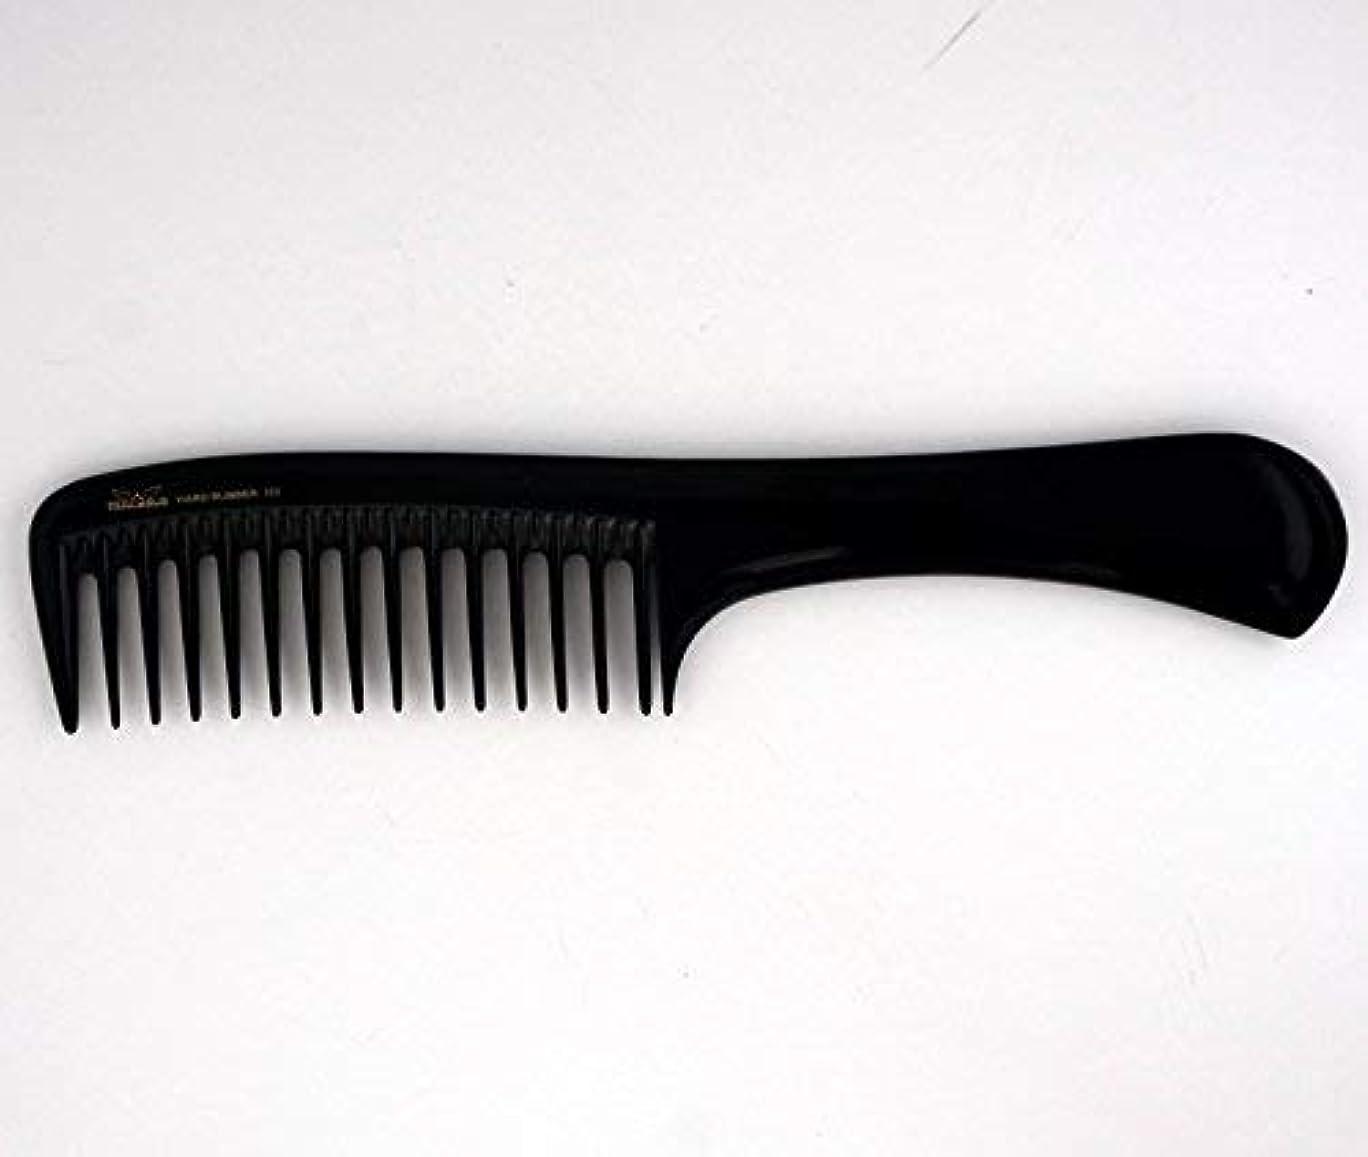 アナログ不実軍9in, Hard Rubber, Wide Tooth Handle Comb [並行輸入品]